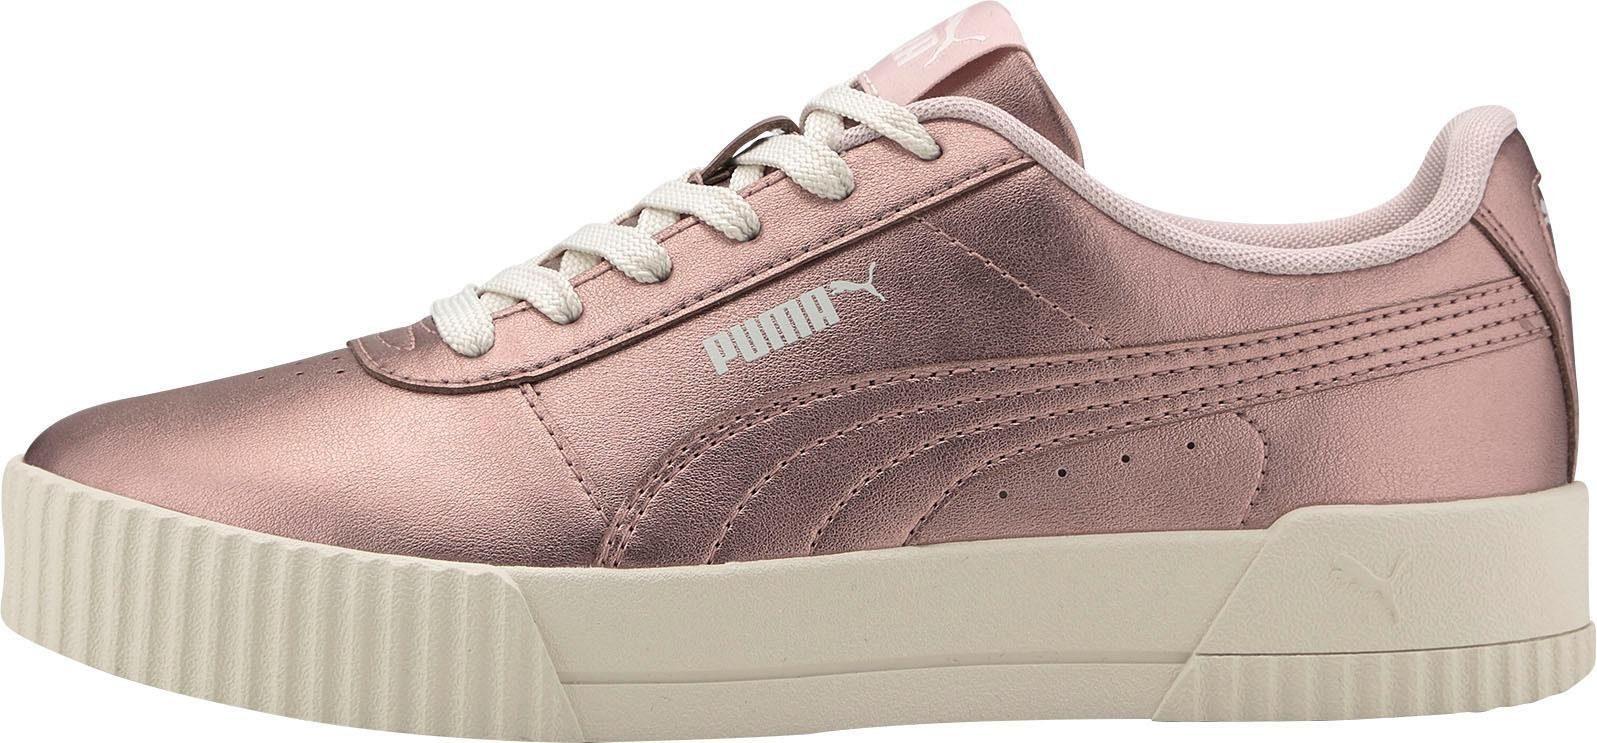 PUMA sneakers Carina Metallic online bij